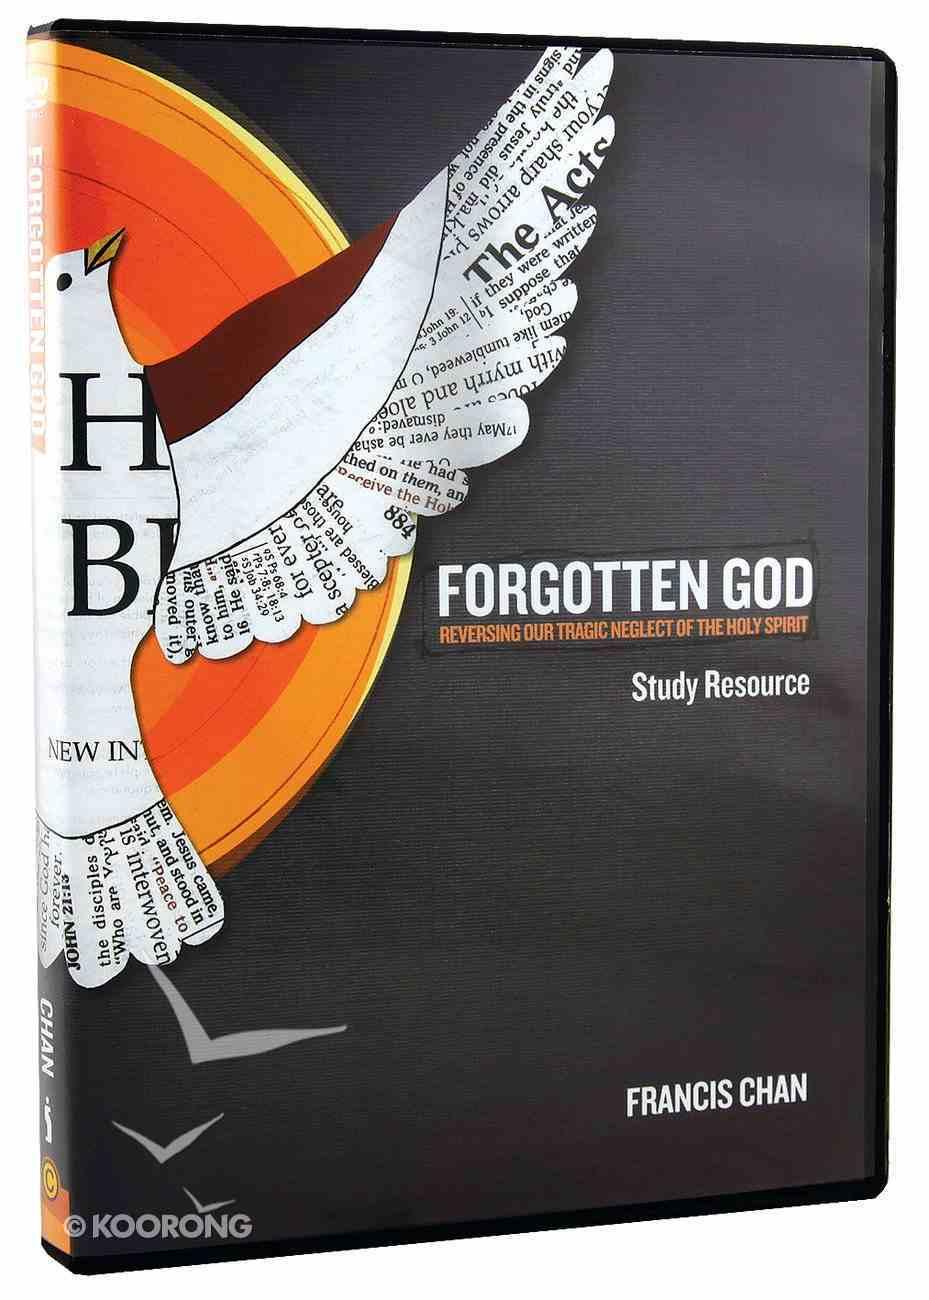 Forgotten God (Dvd) DVD